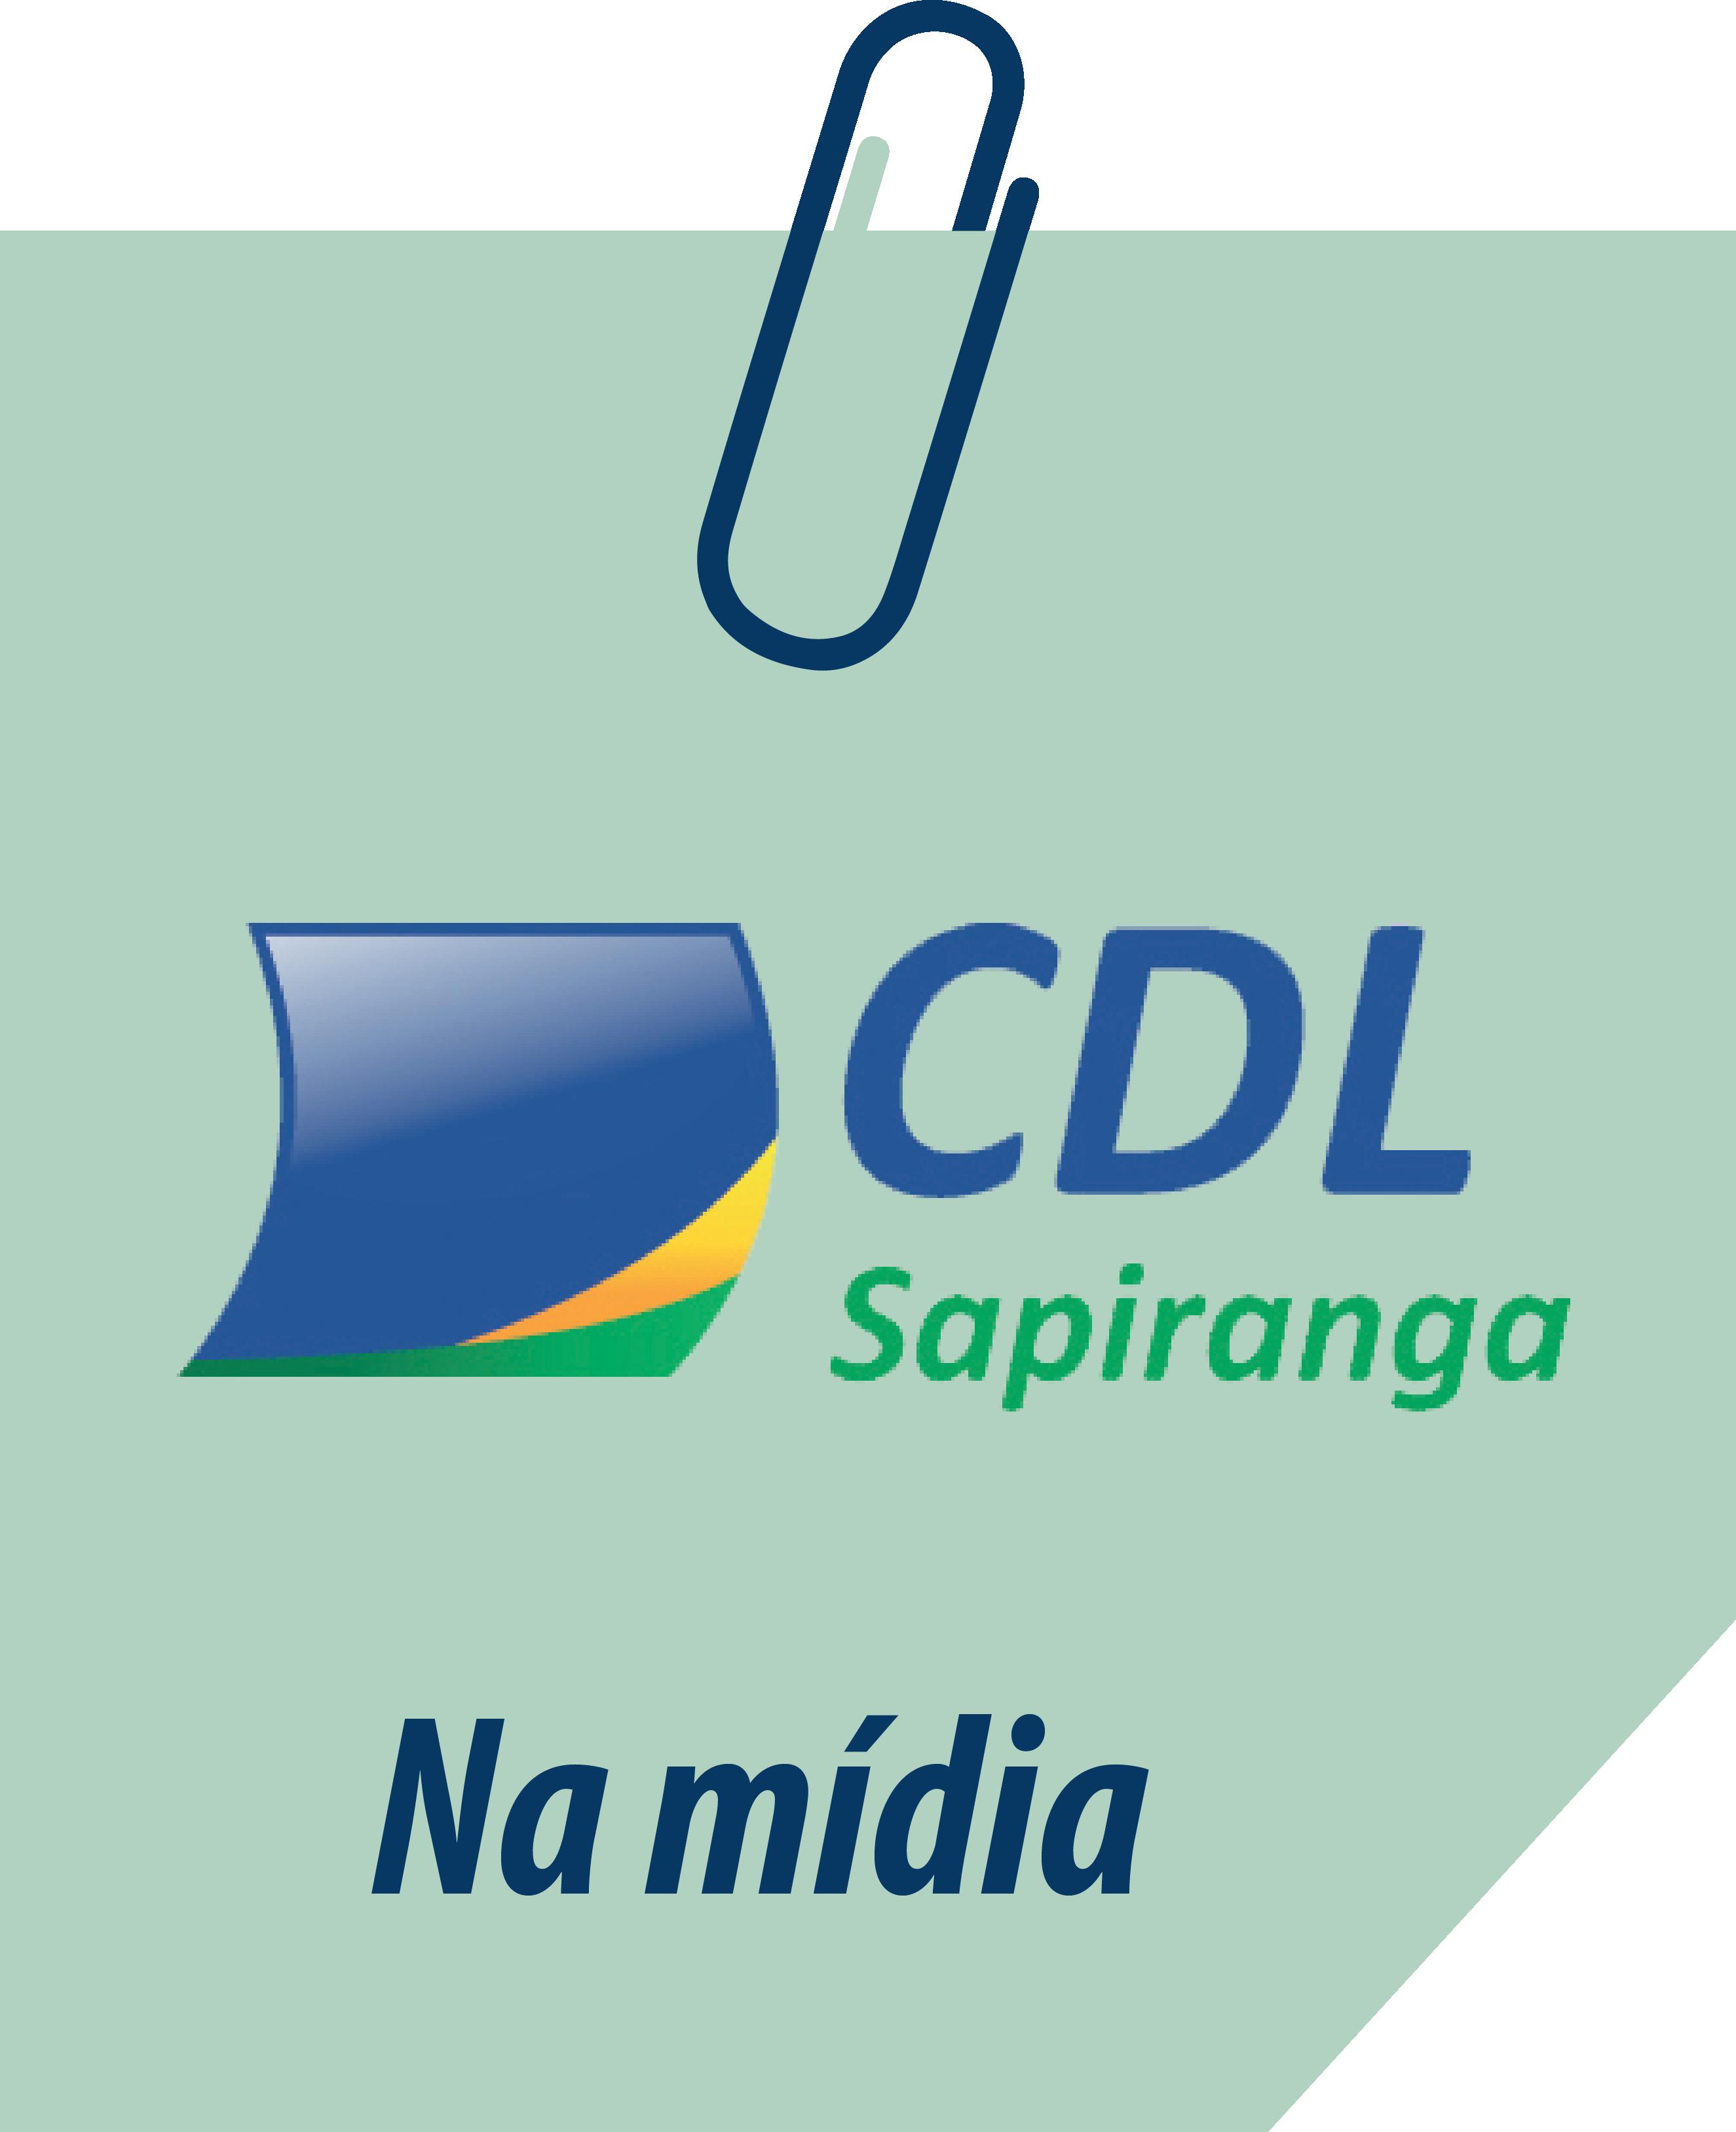 CDL Sapiranga na Mídia